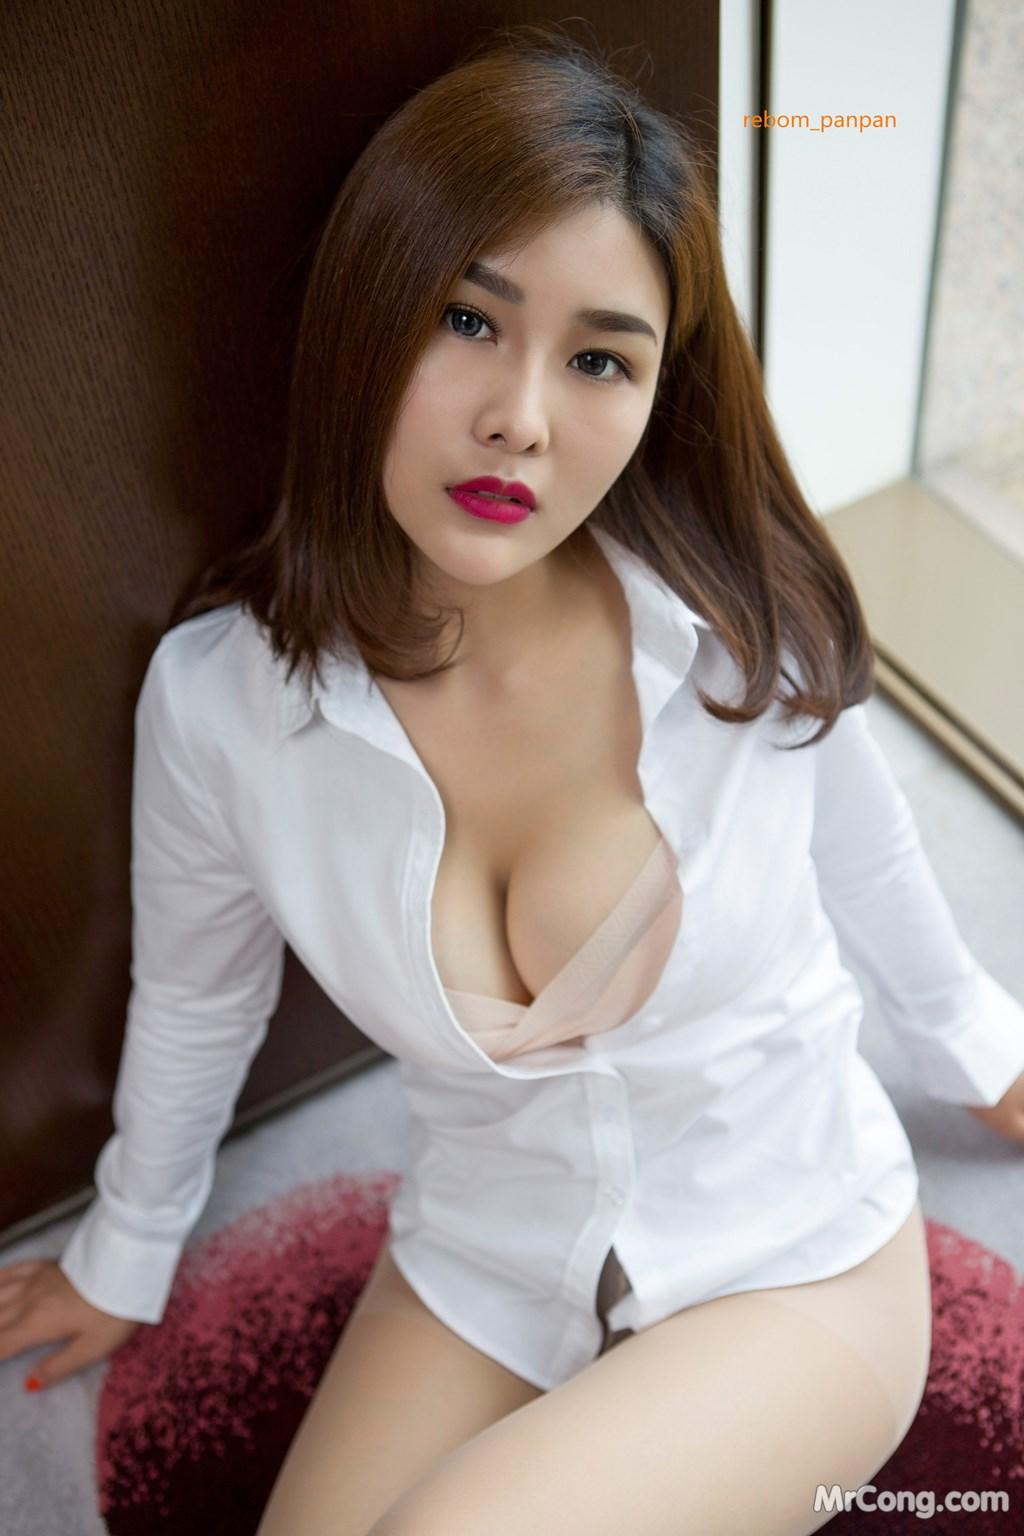 Image Yan-Pan-Pan-Part-4-MrCong.com-009 in post Người đẹp Yan Pan Pan (闫盼盼) hờ hững khoe vòng một trên giường ngủ (40 ảnh)